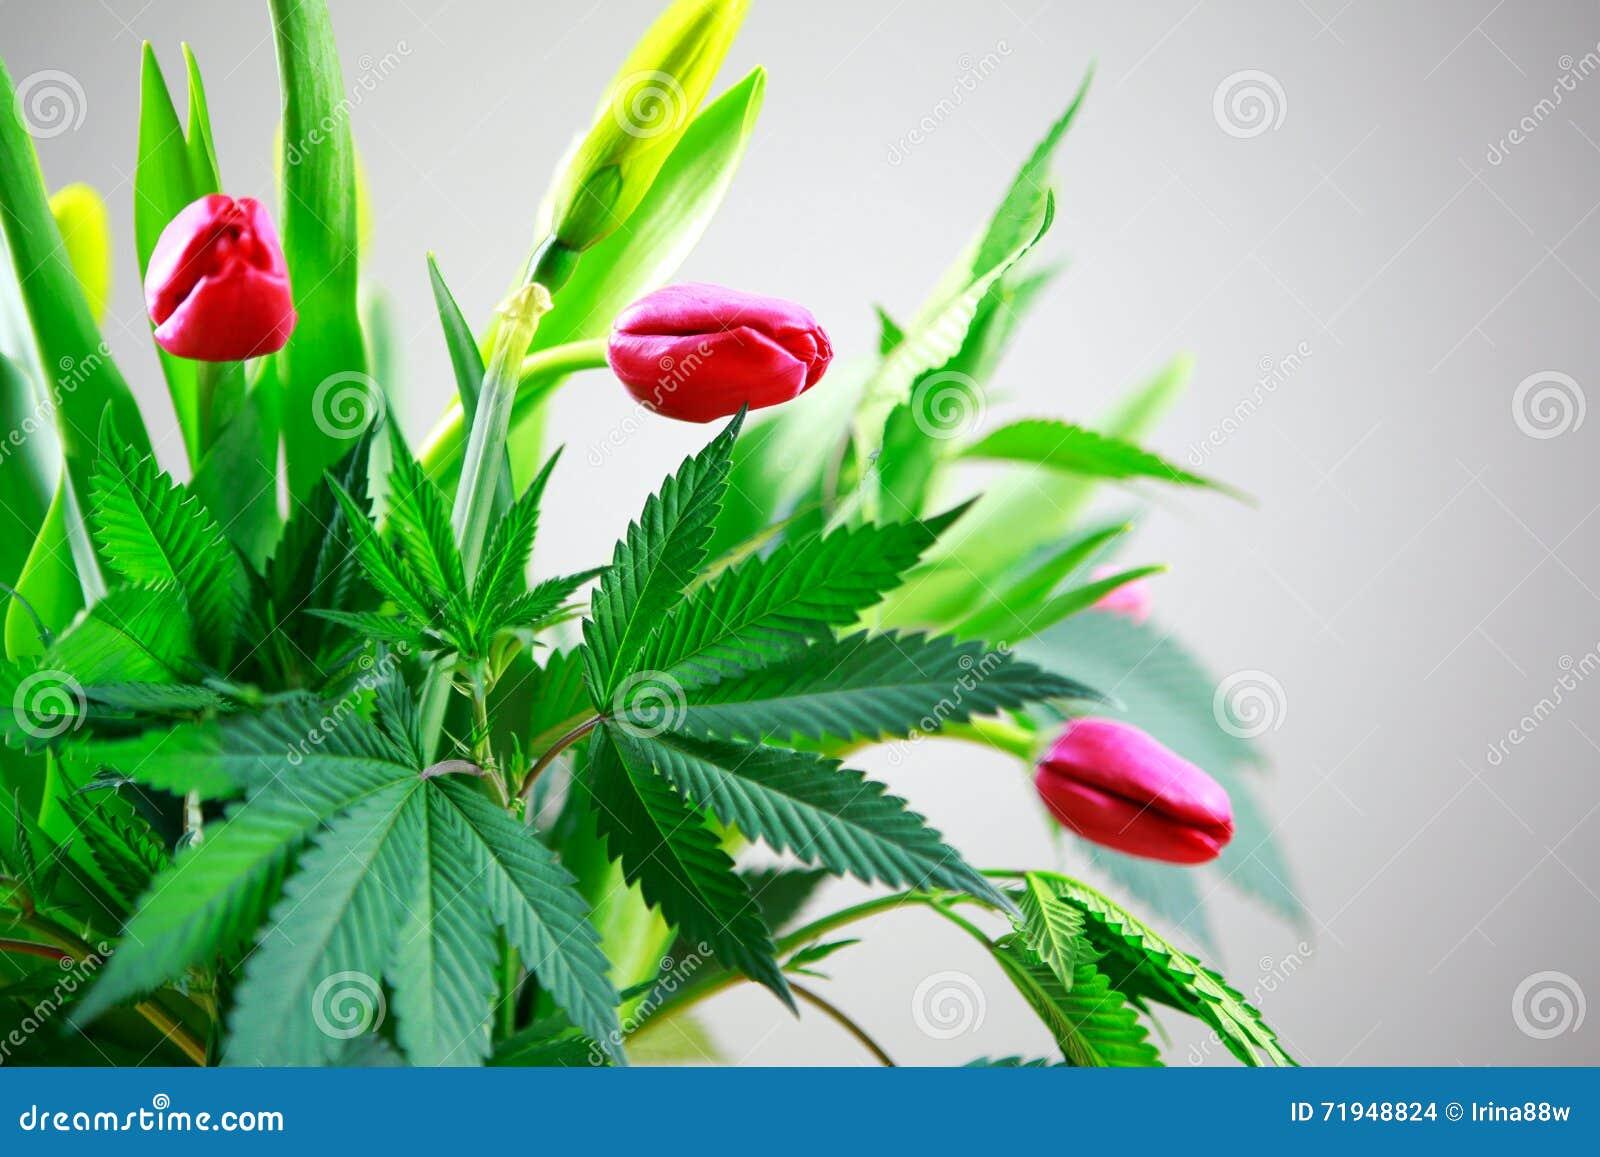 Gröna nya stora blad för marijuana (cannabis), hampaväxt i ett n